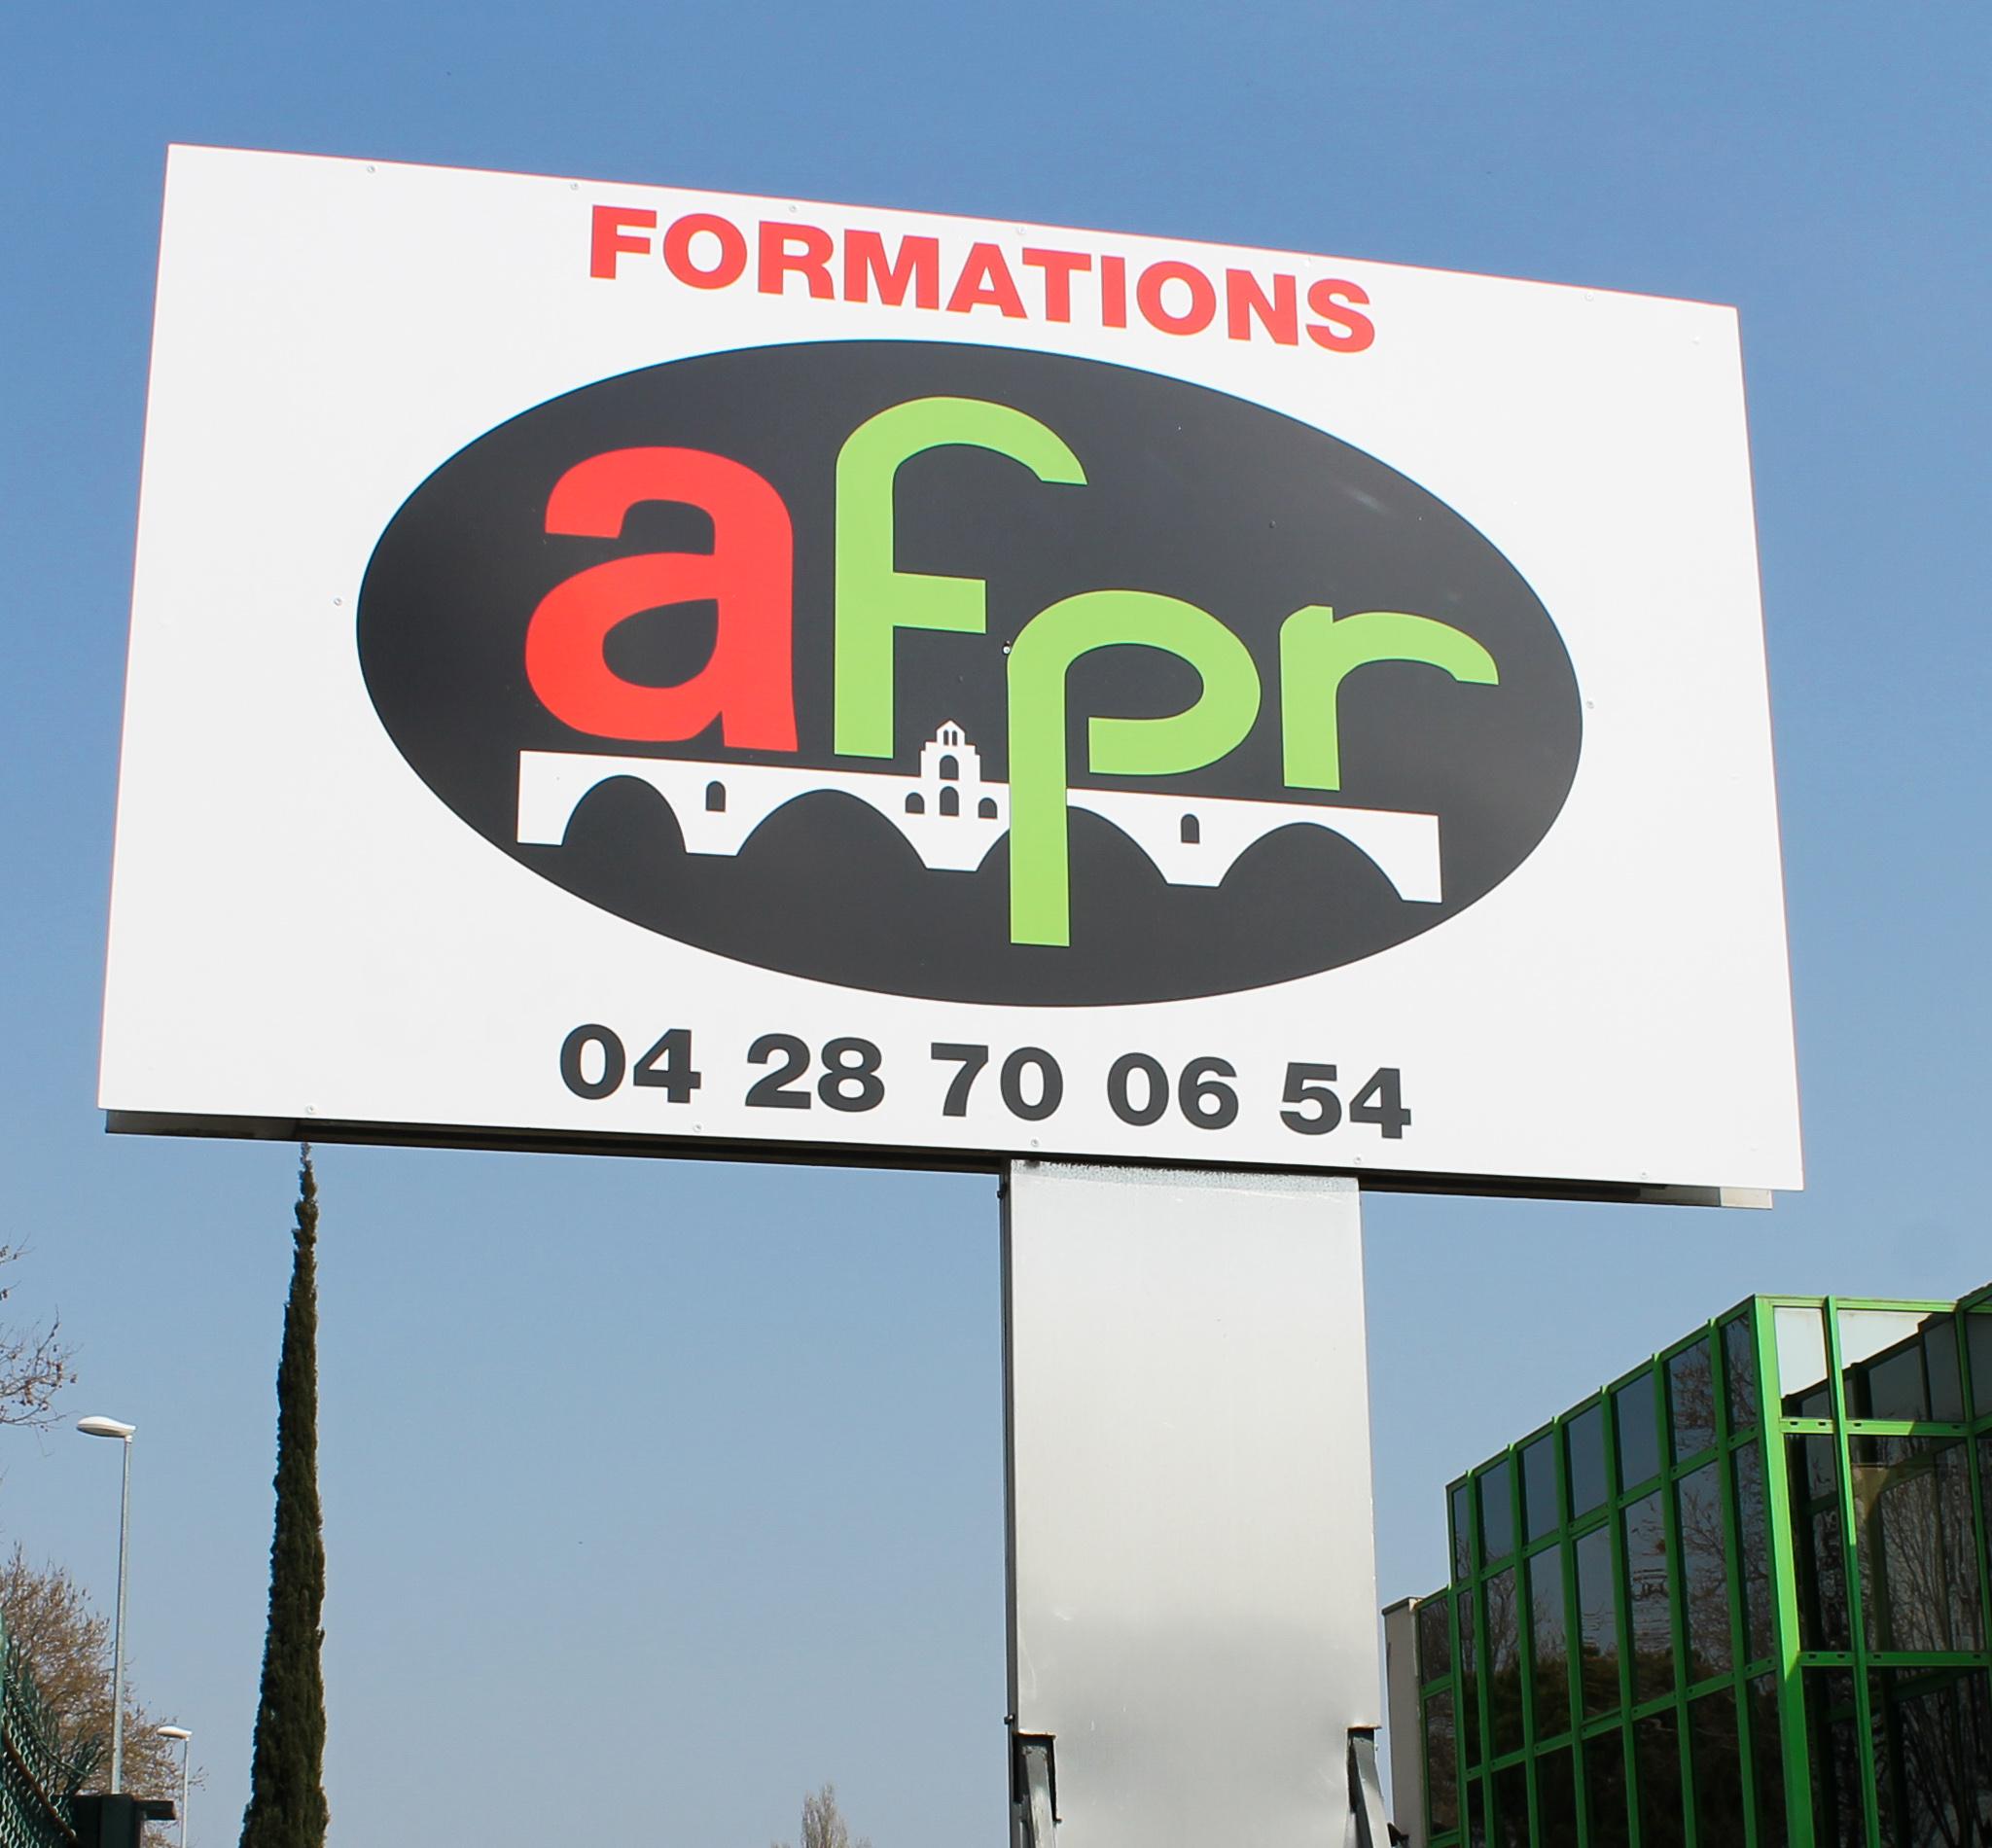 L'enseigne AFPR